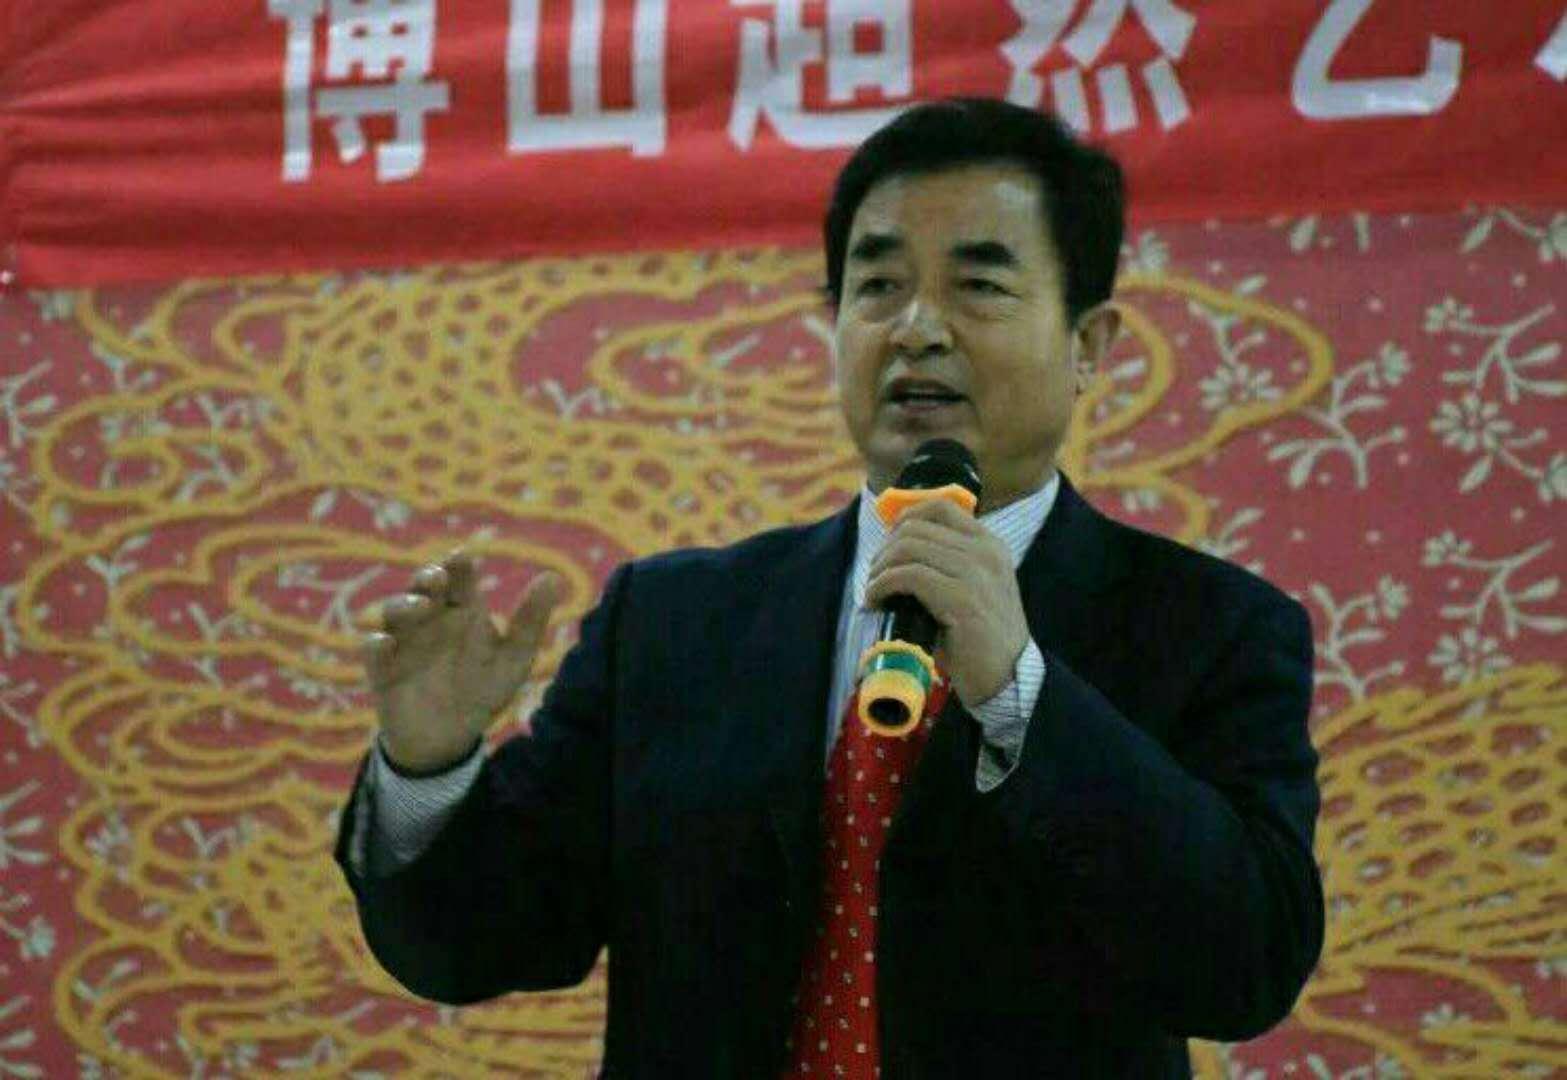 真跡名家劉維東作品欣賞:平和暢達,一字見心